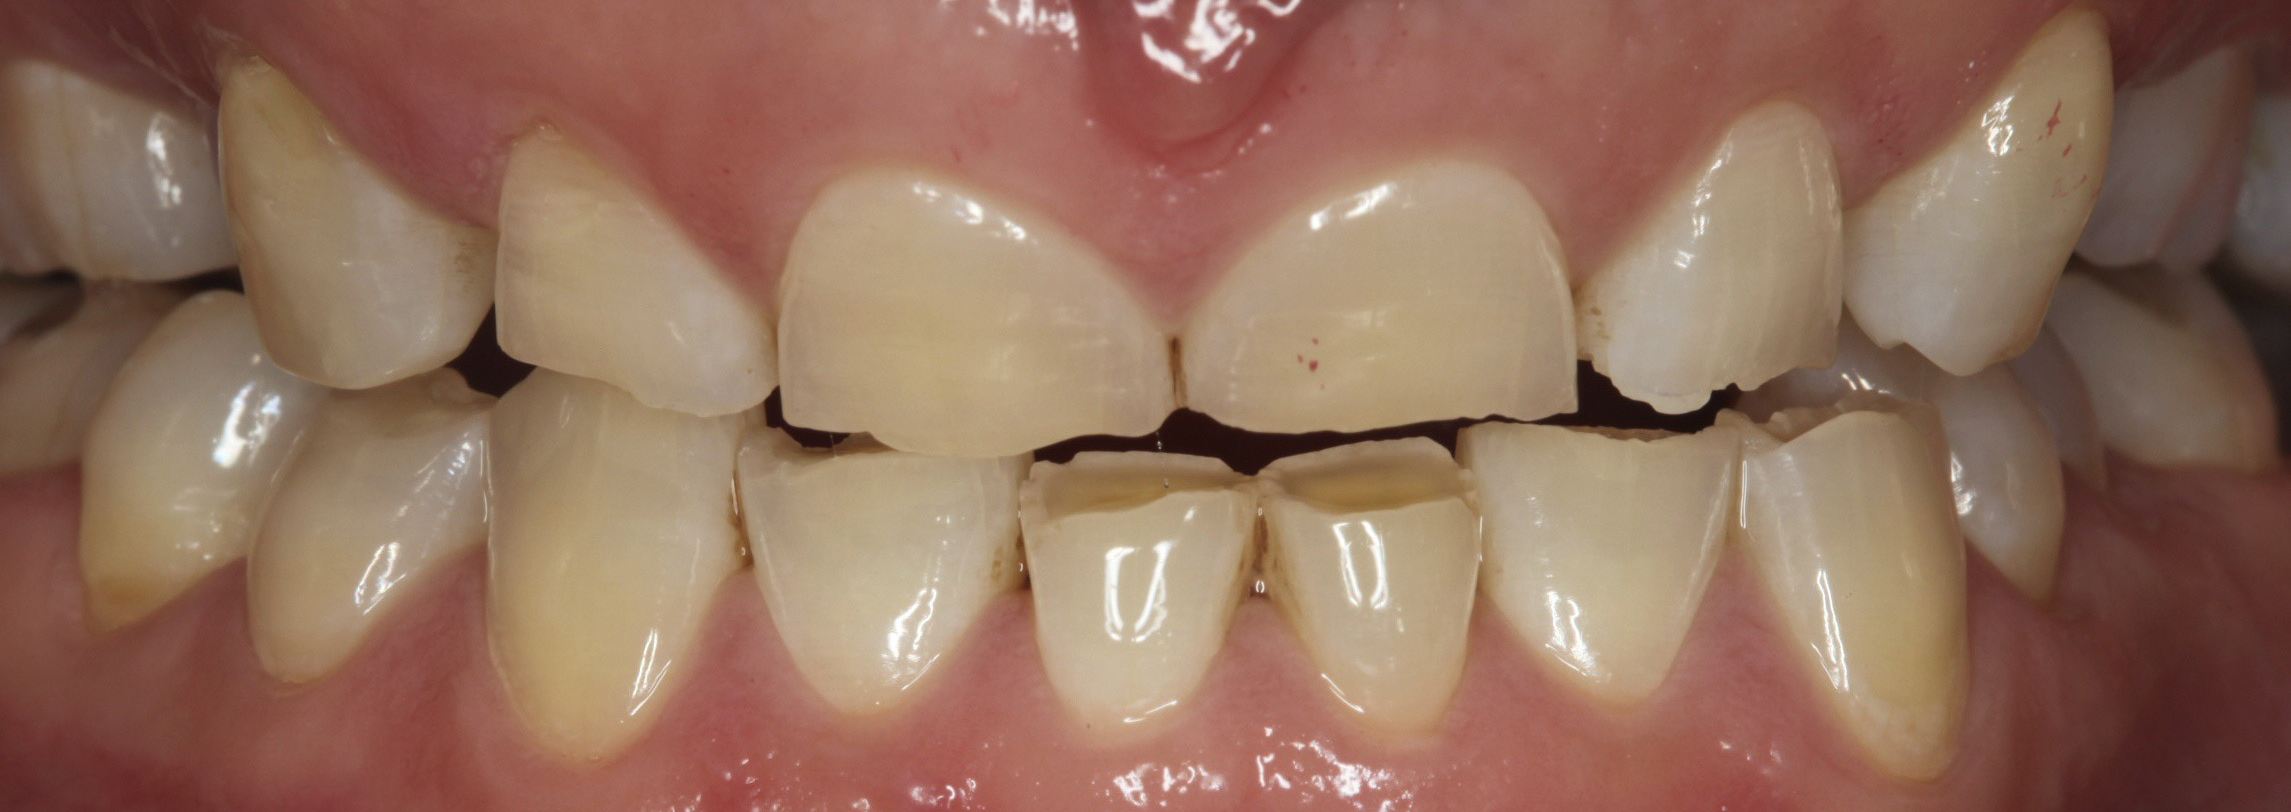 Short-teeth